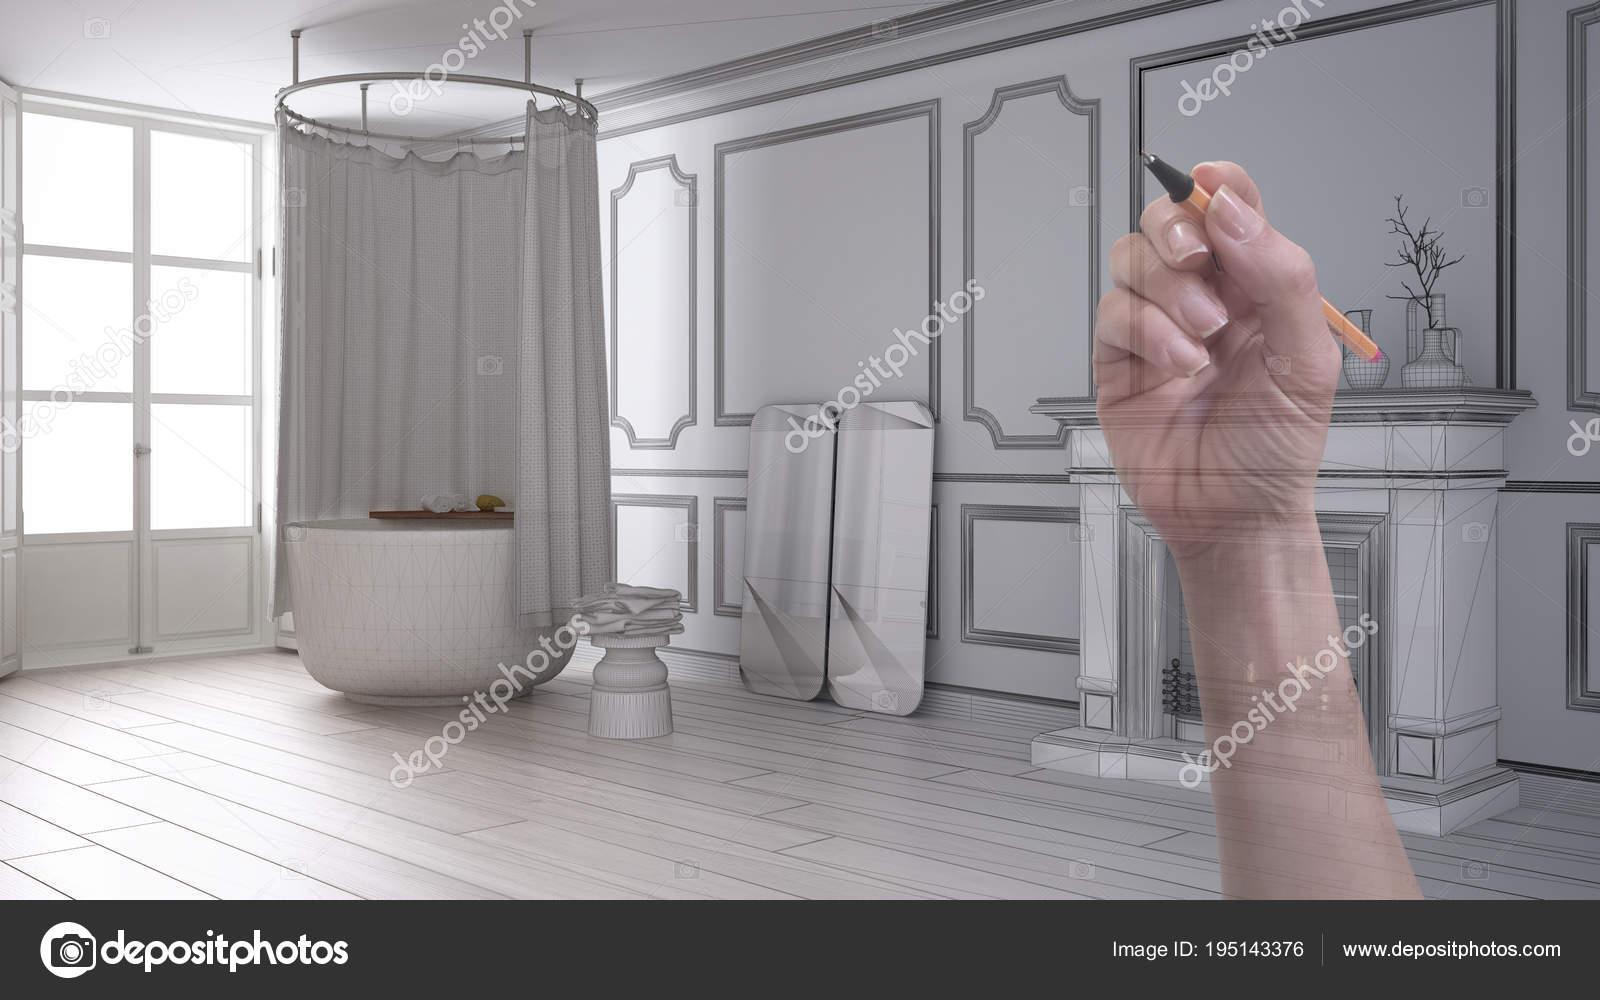 Bagno vintage moderno personalizzato con camino dellillustrazione